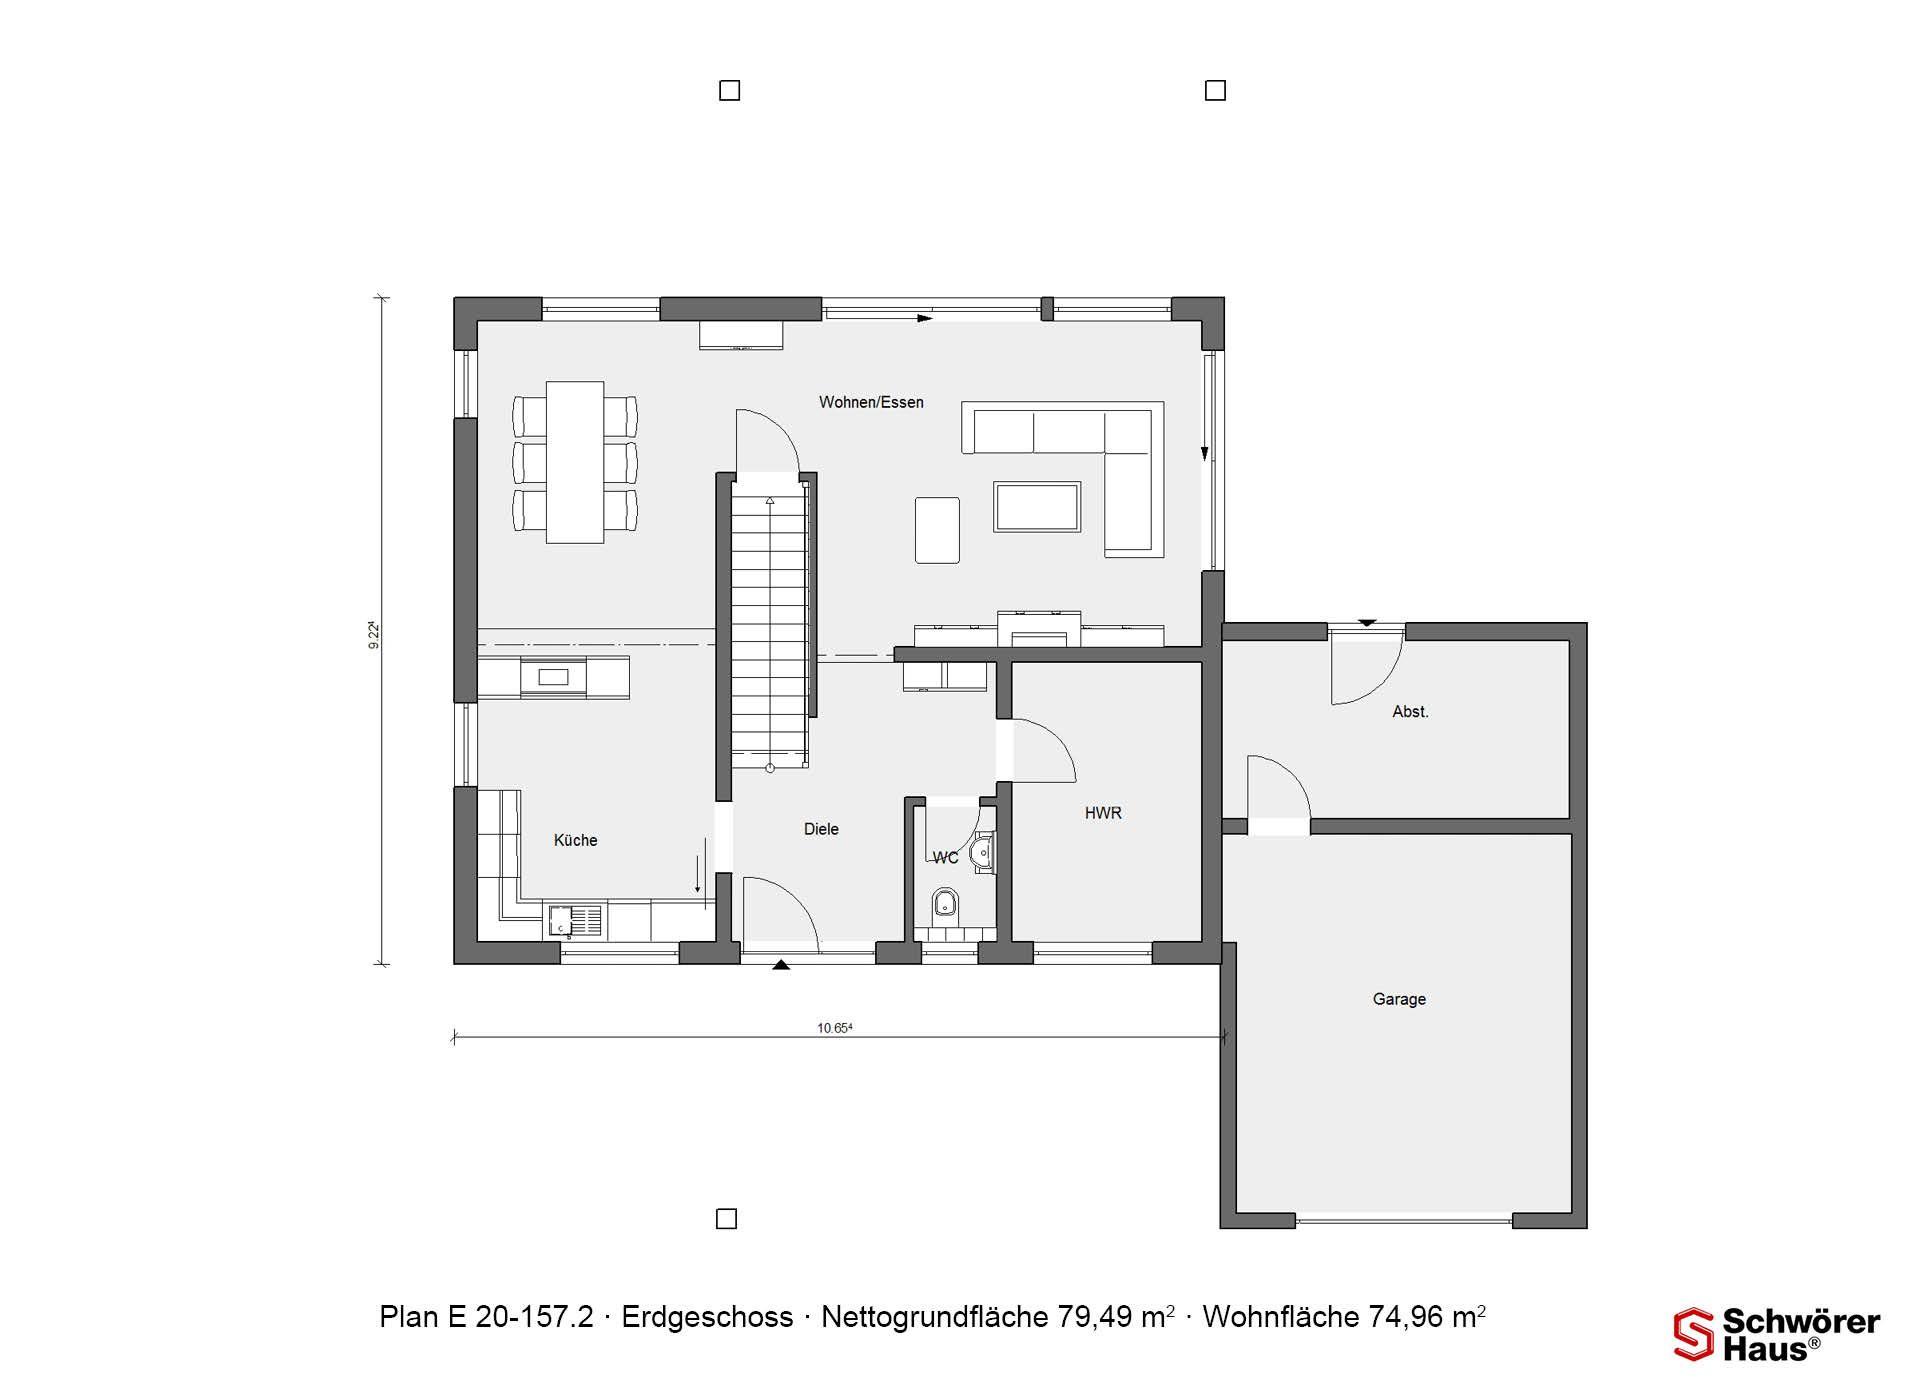 Schöner Wohnen Haus Bauideen Haus Schwörer Haus Und Schöner